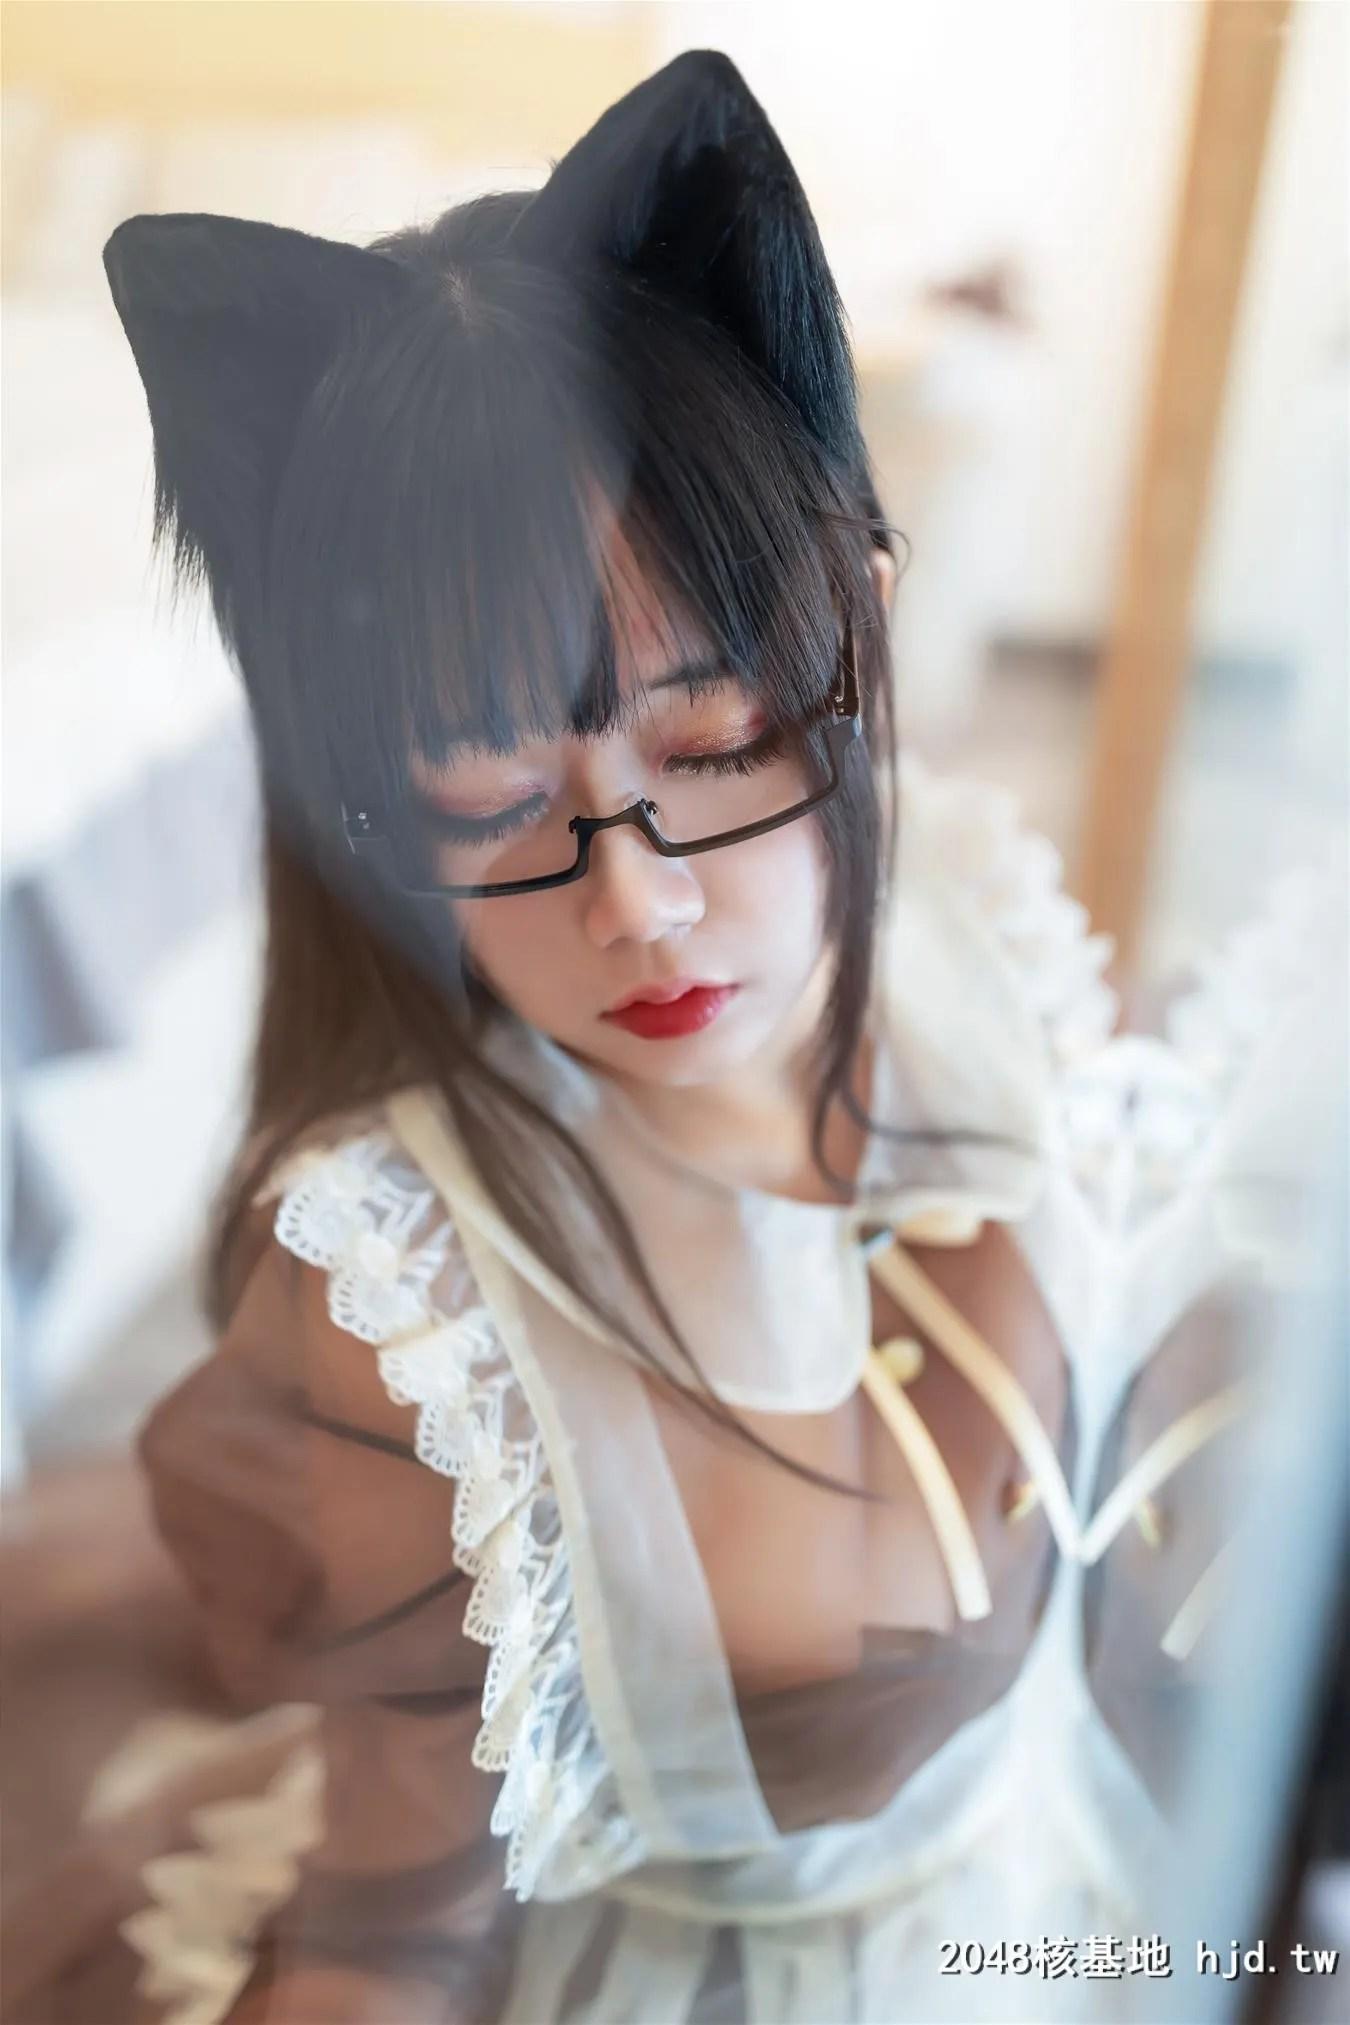 【日奈娇】 透明女仆 [47P]插图(11)